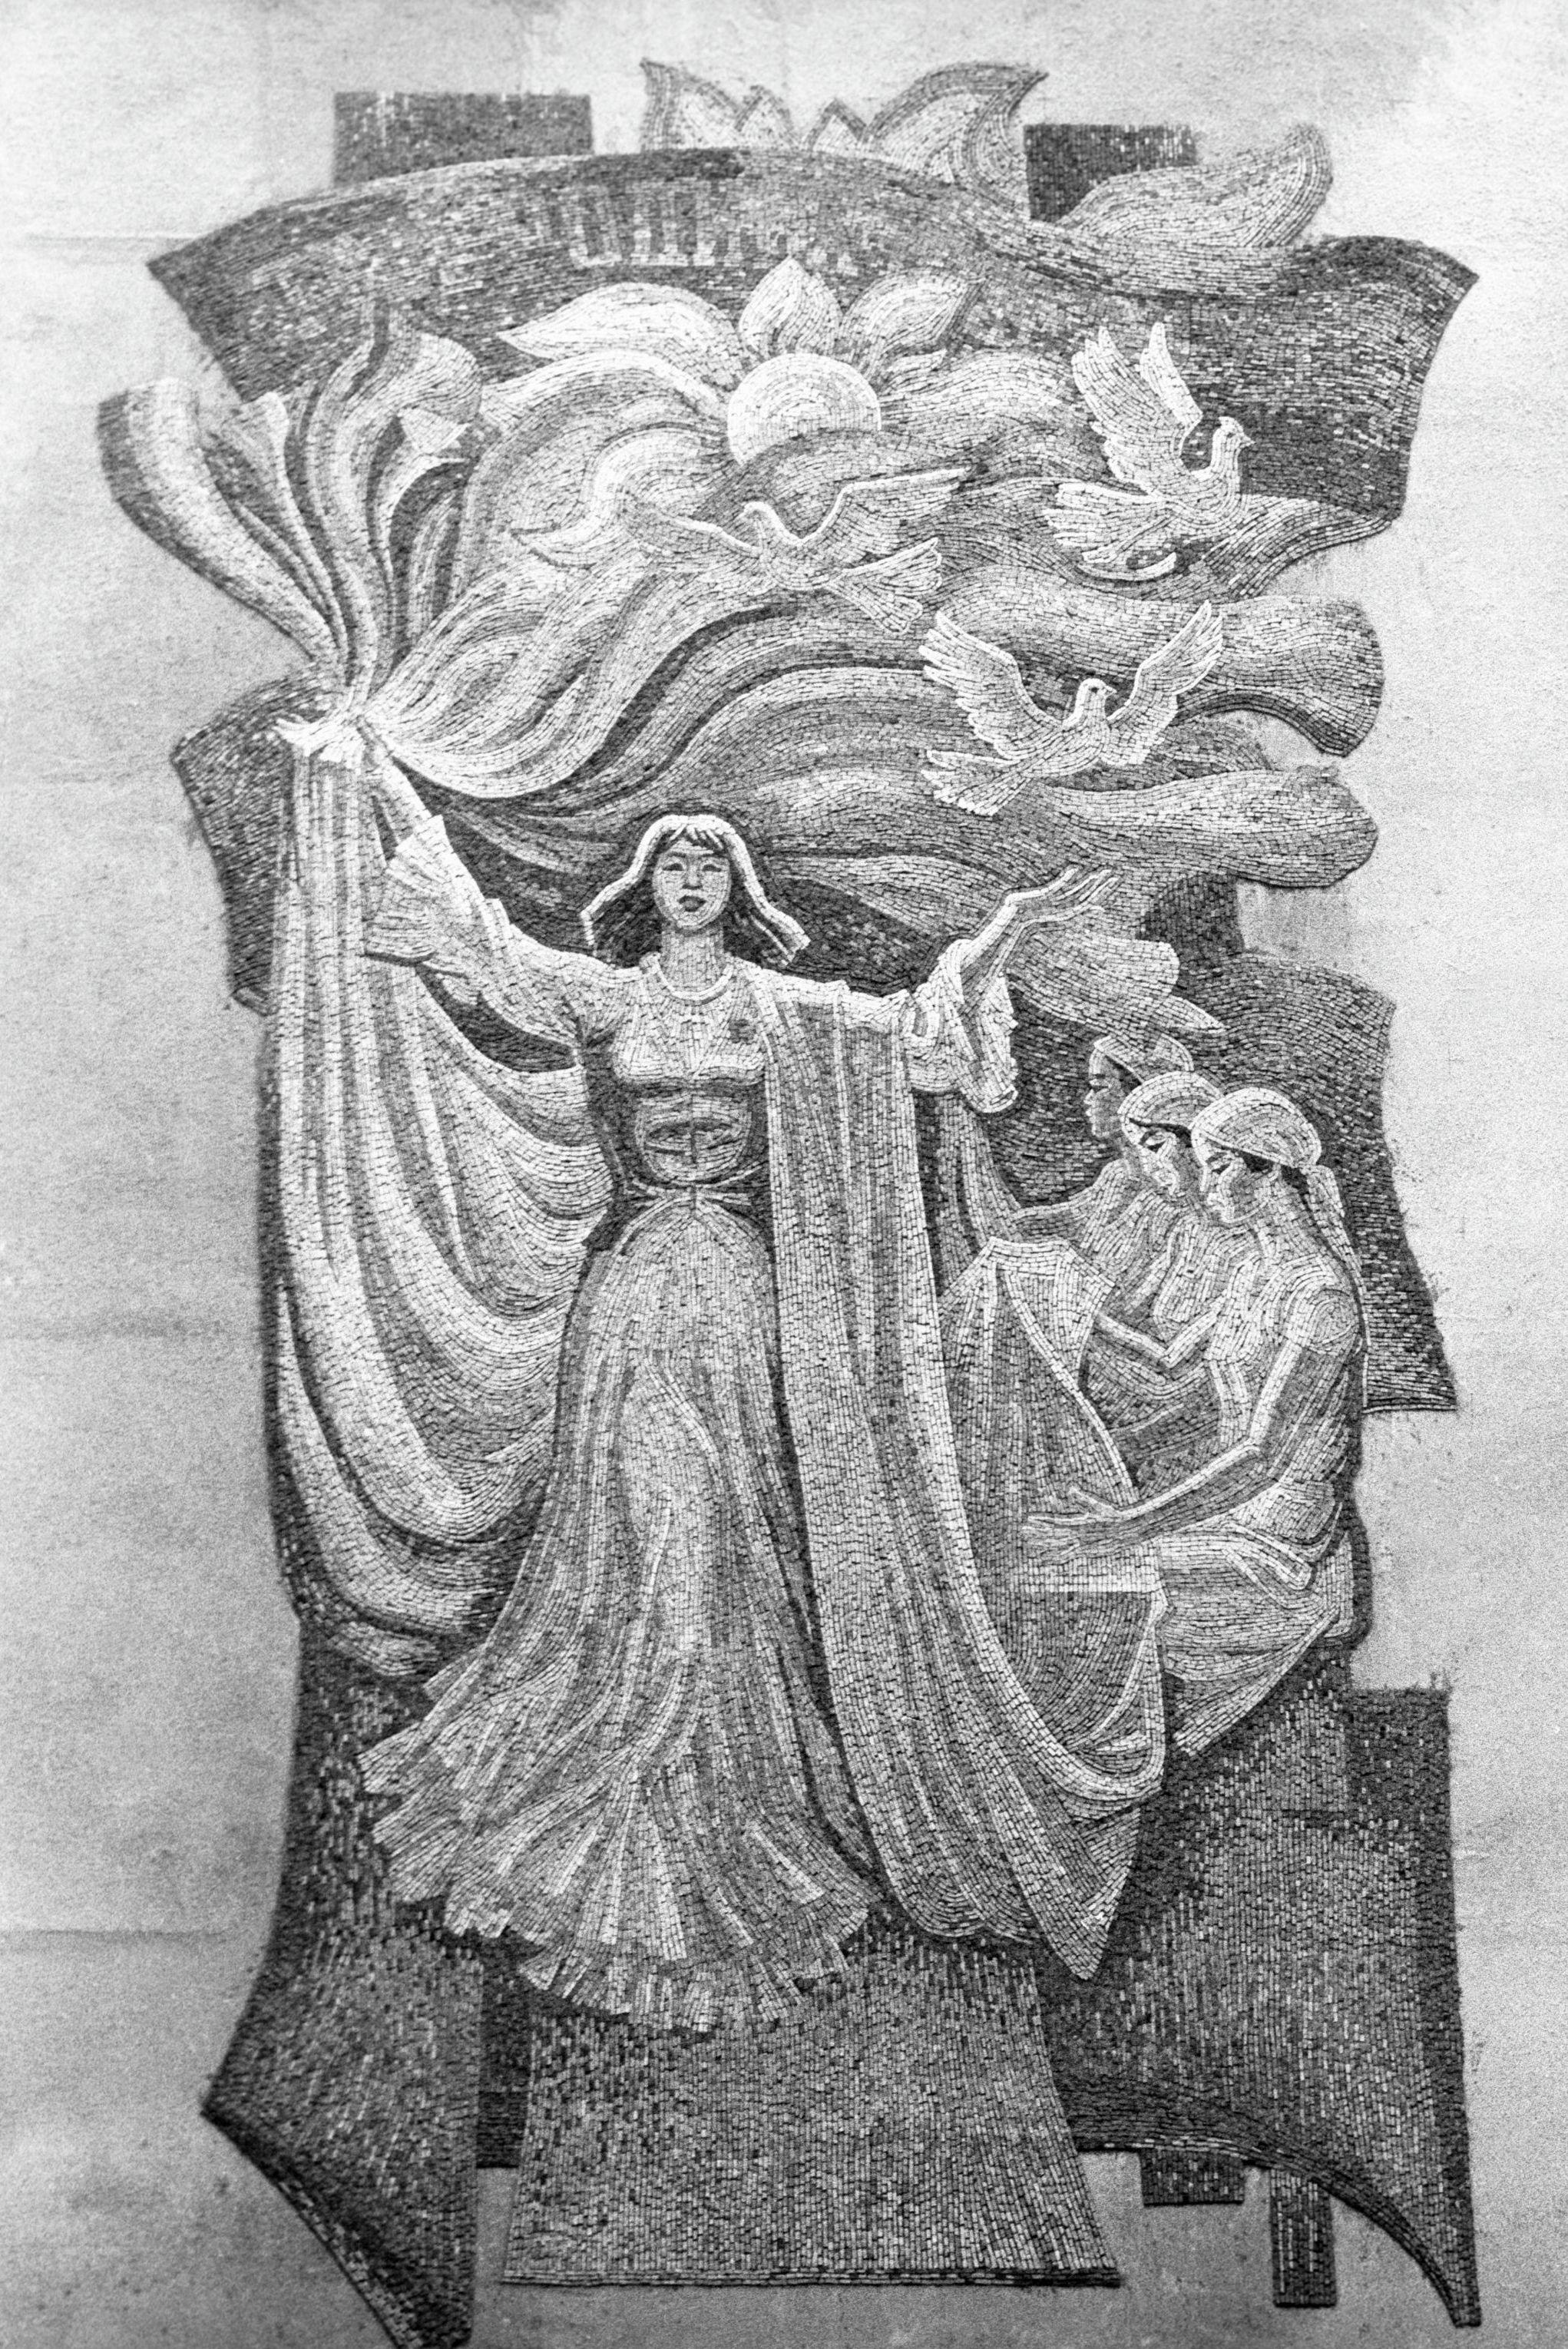 Монументальное панно работы заслуженного деятеля искусств Киргизской ССР Теодора Герцена.